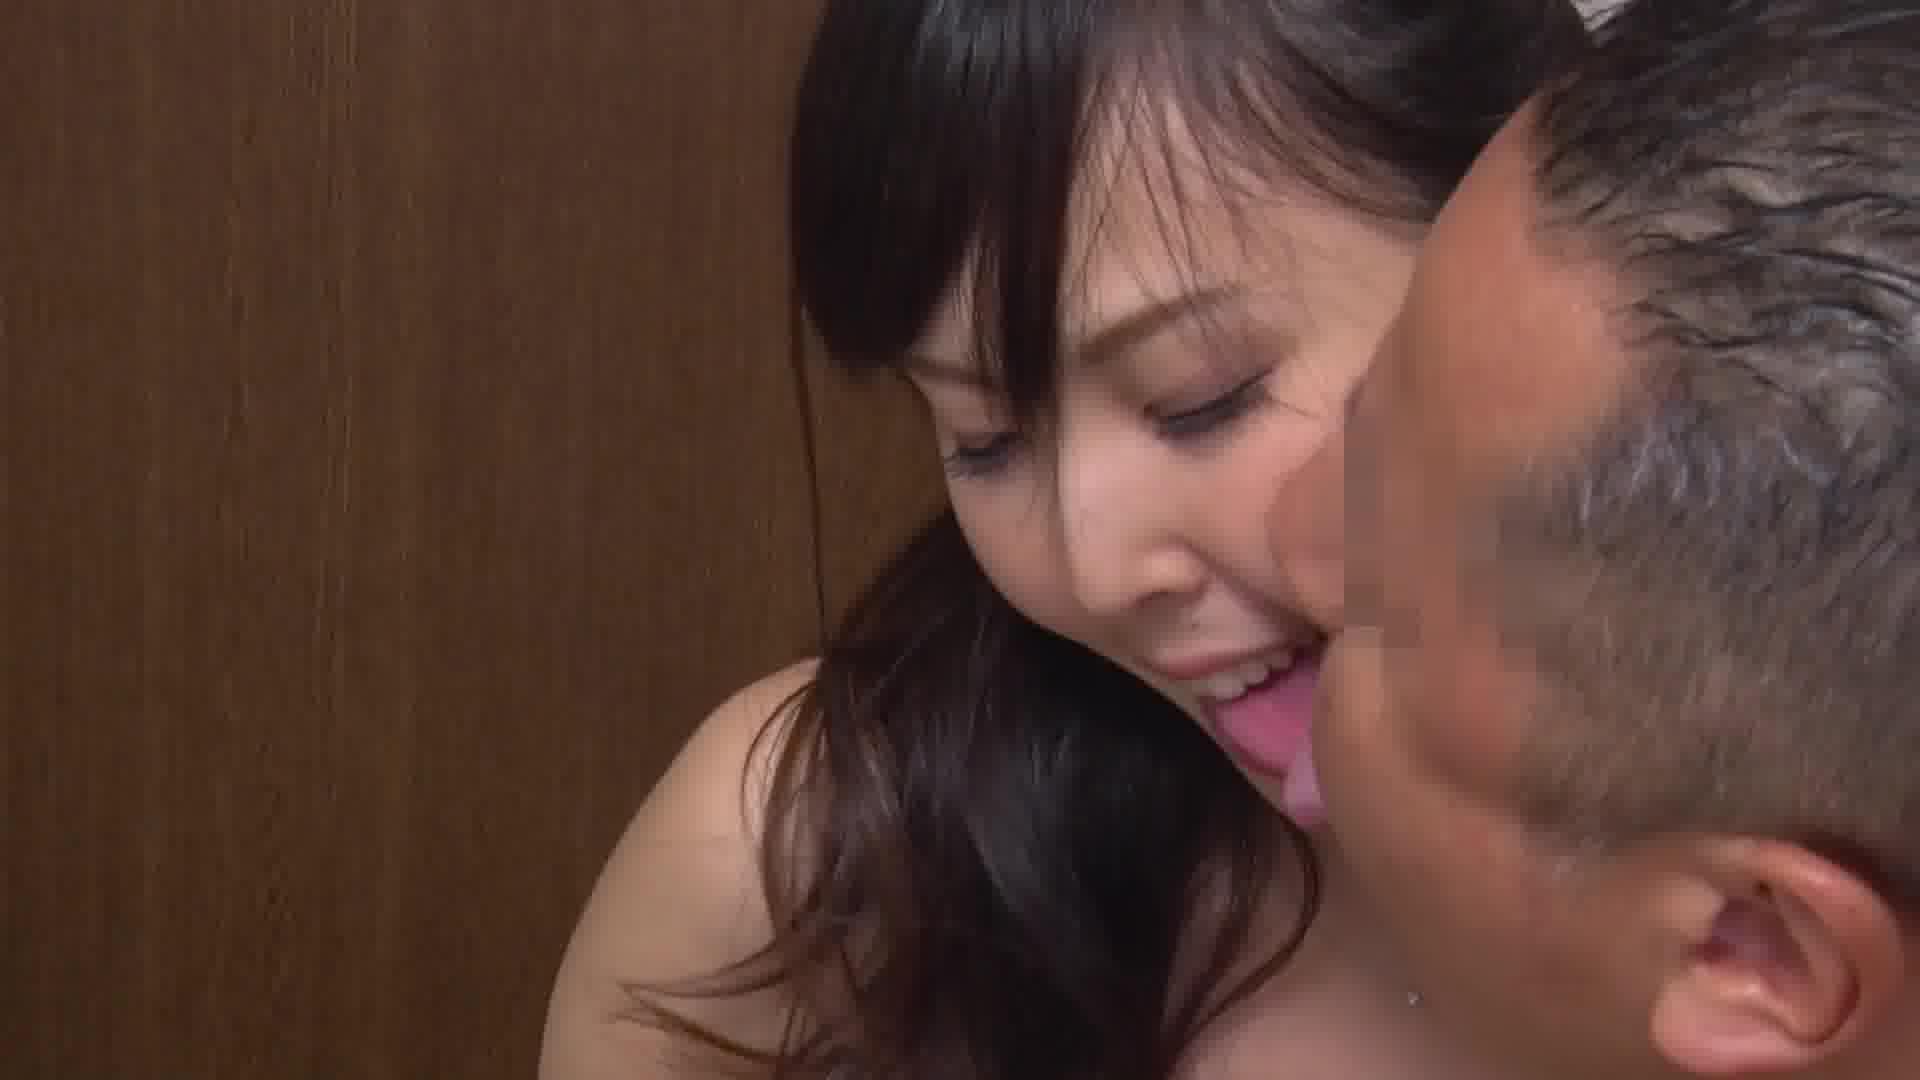 嫁が団地の主婦友と乳繰り合っているところに出くわしたので3Pしました - 上野真奈美【巨乳・レズ・3P】